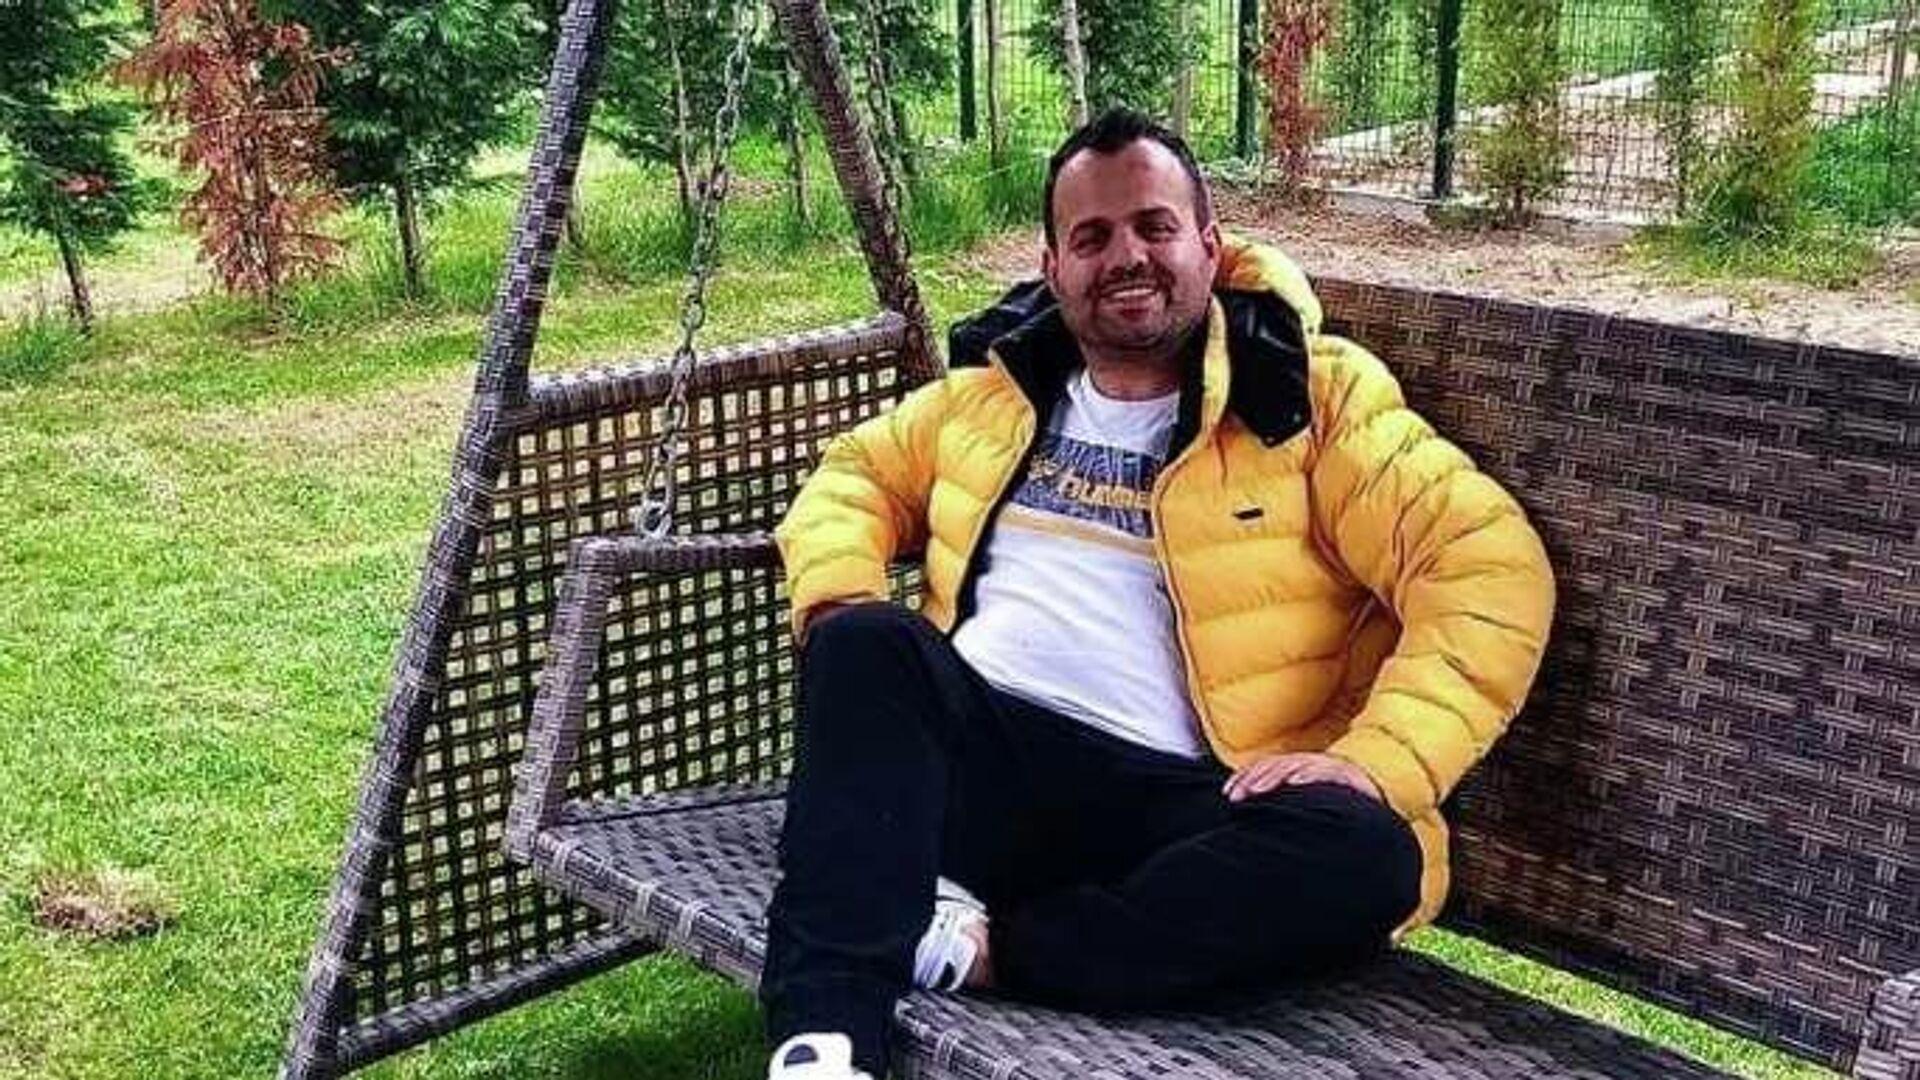 Koronavirüse yakalanınca aşı çağrısı yapan lokanta işletmecisi hayatını kaybetti - Sputnik Türkiye, 1920, 20.09.2021